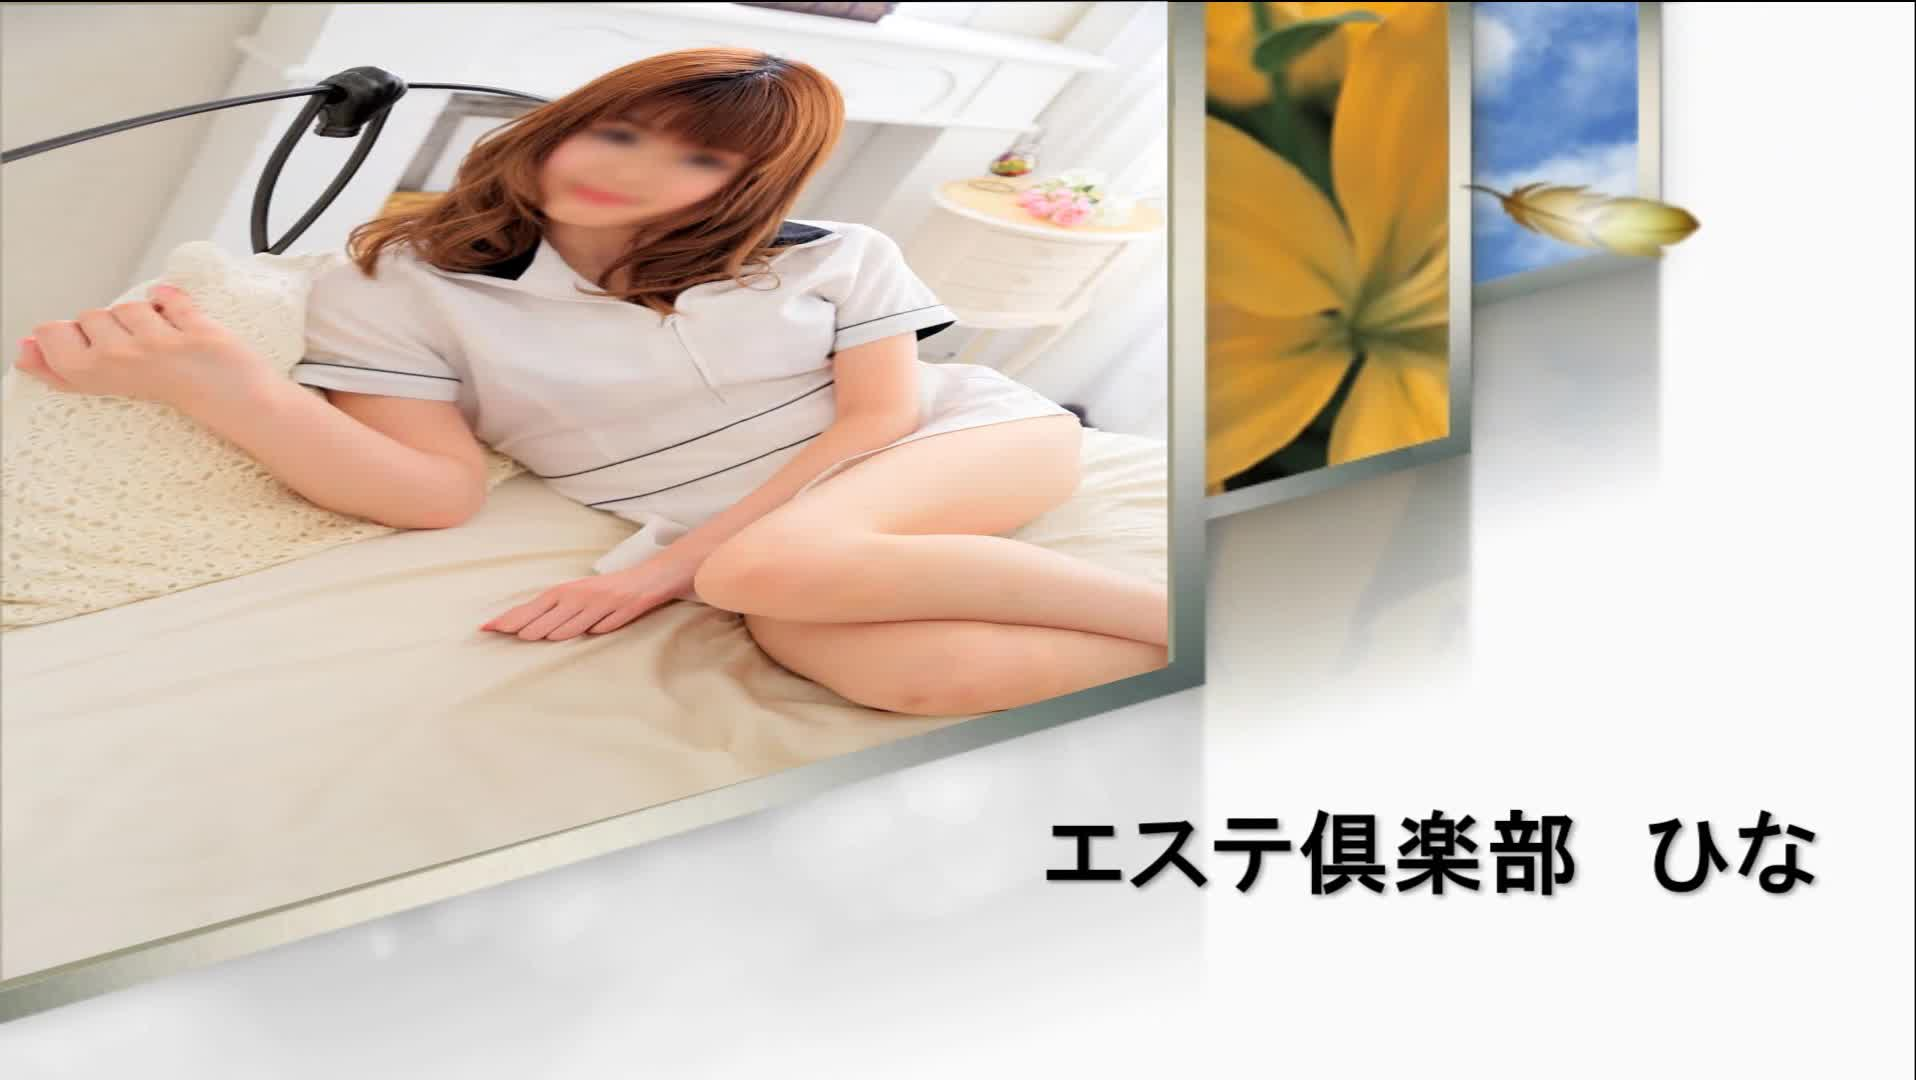 エステ倶楽部 ひな|風俗動画